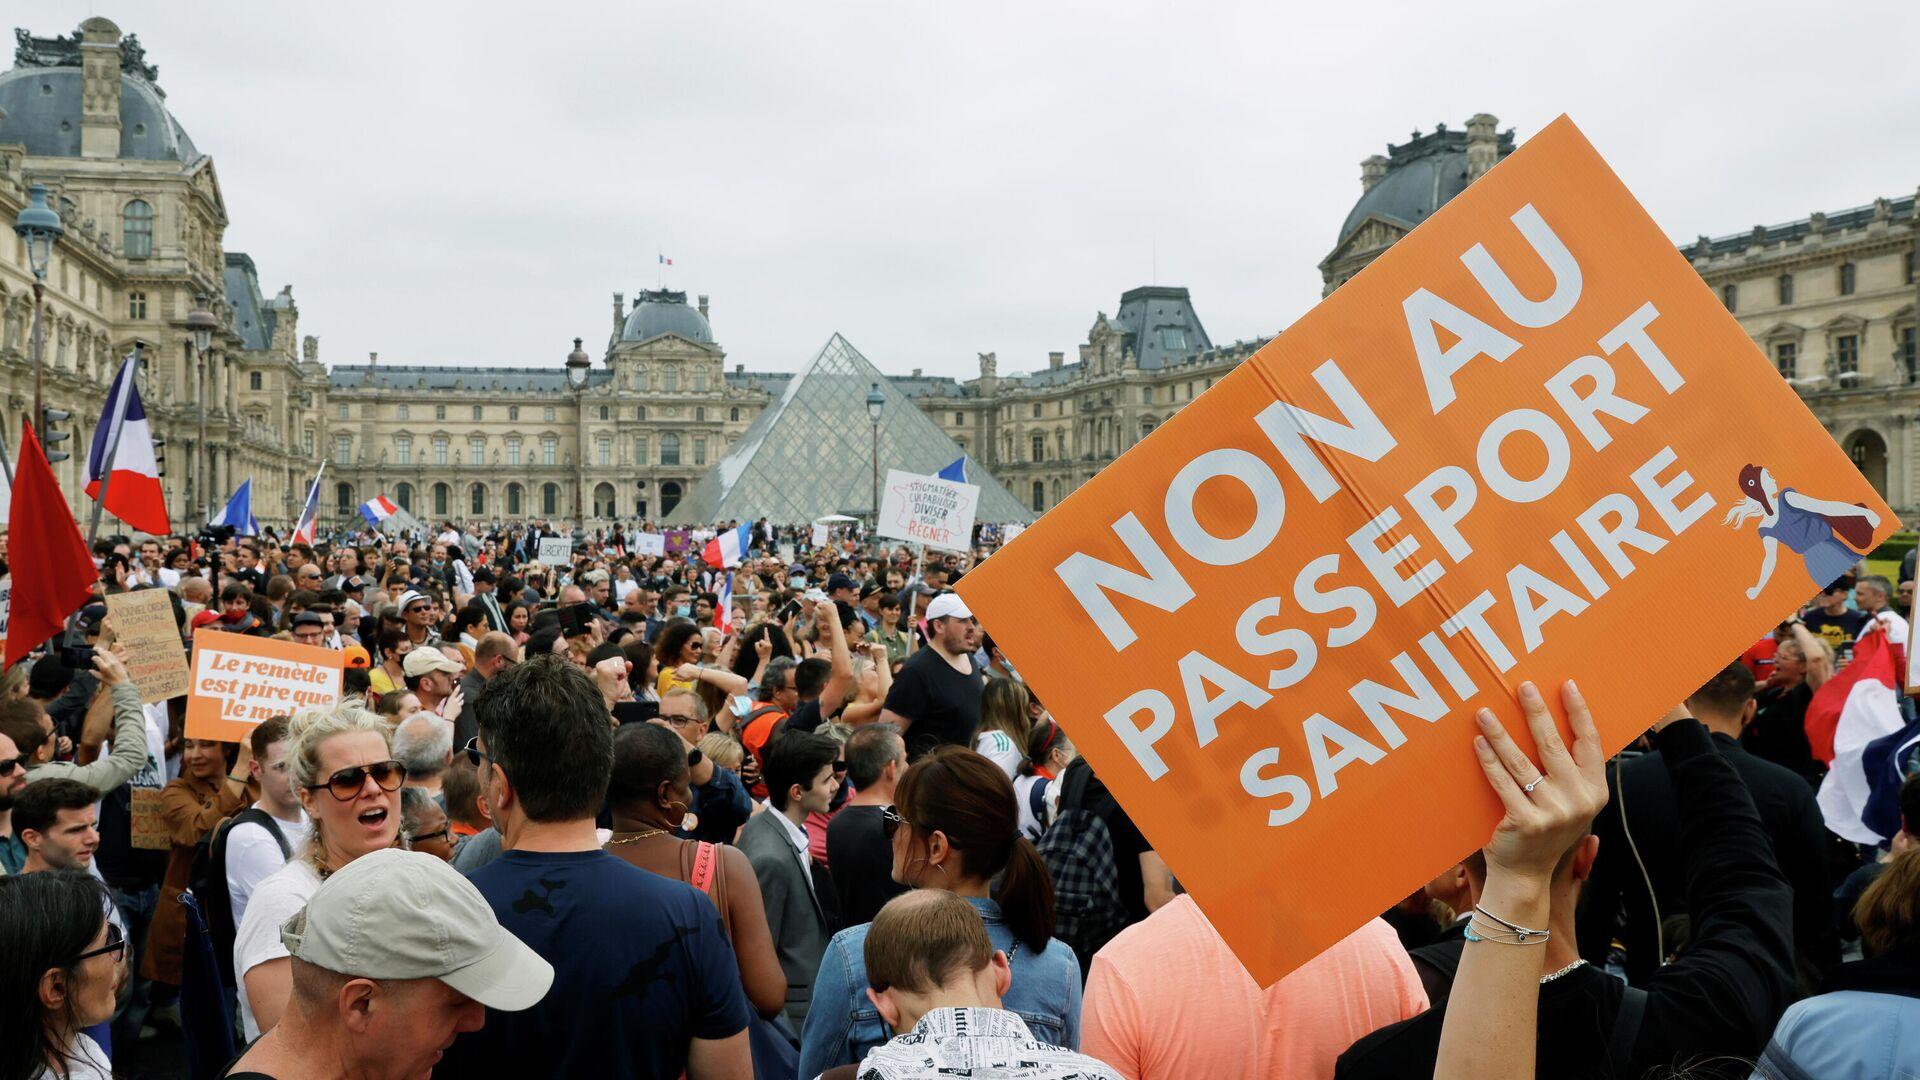 Manifestantes marchan contra el 'pasaporte COVID' y la vacunación obligatoria en París - Sputnik Mundo, 1920, 24.07.2021